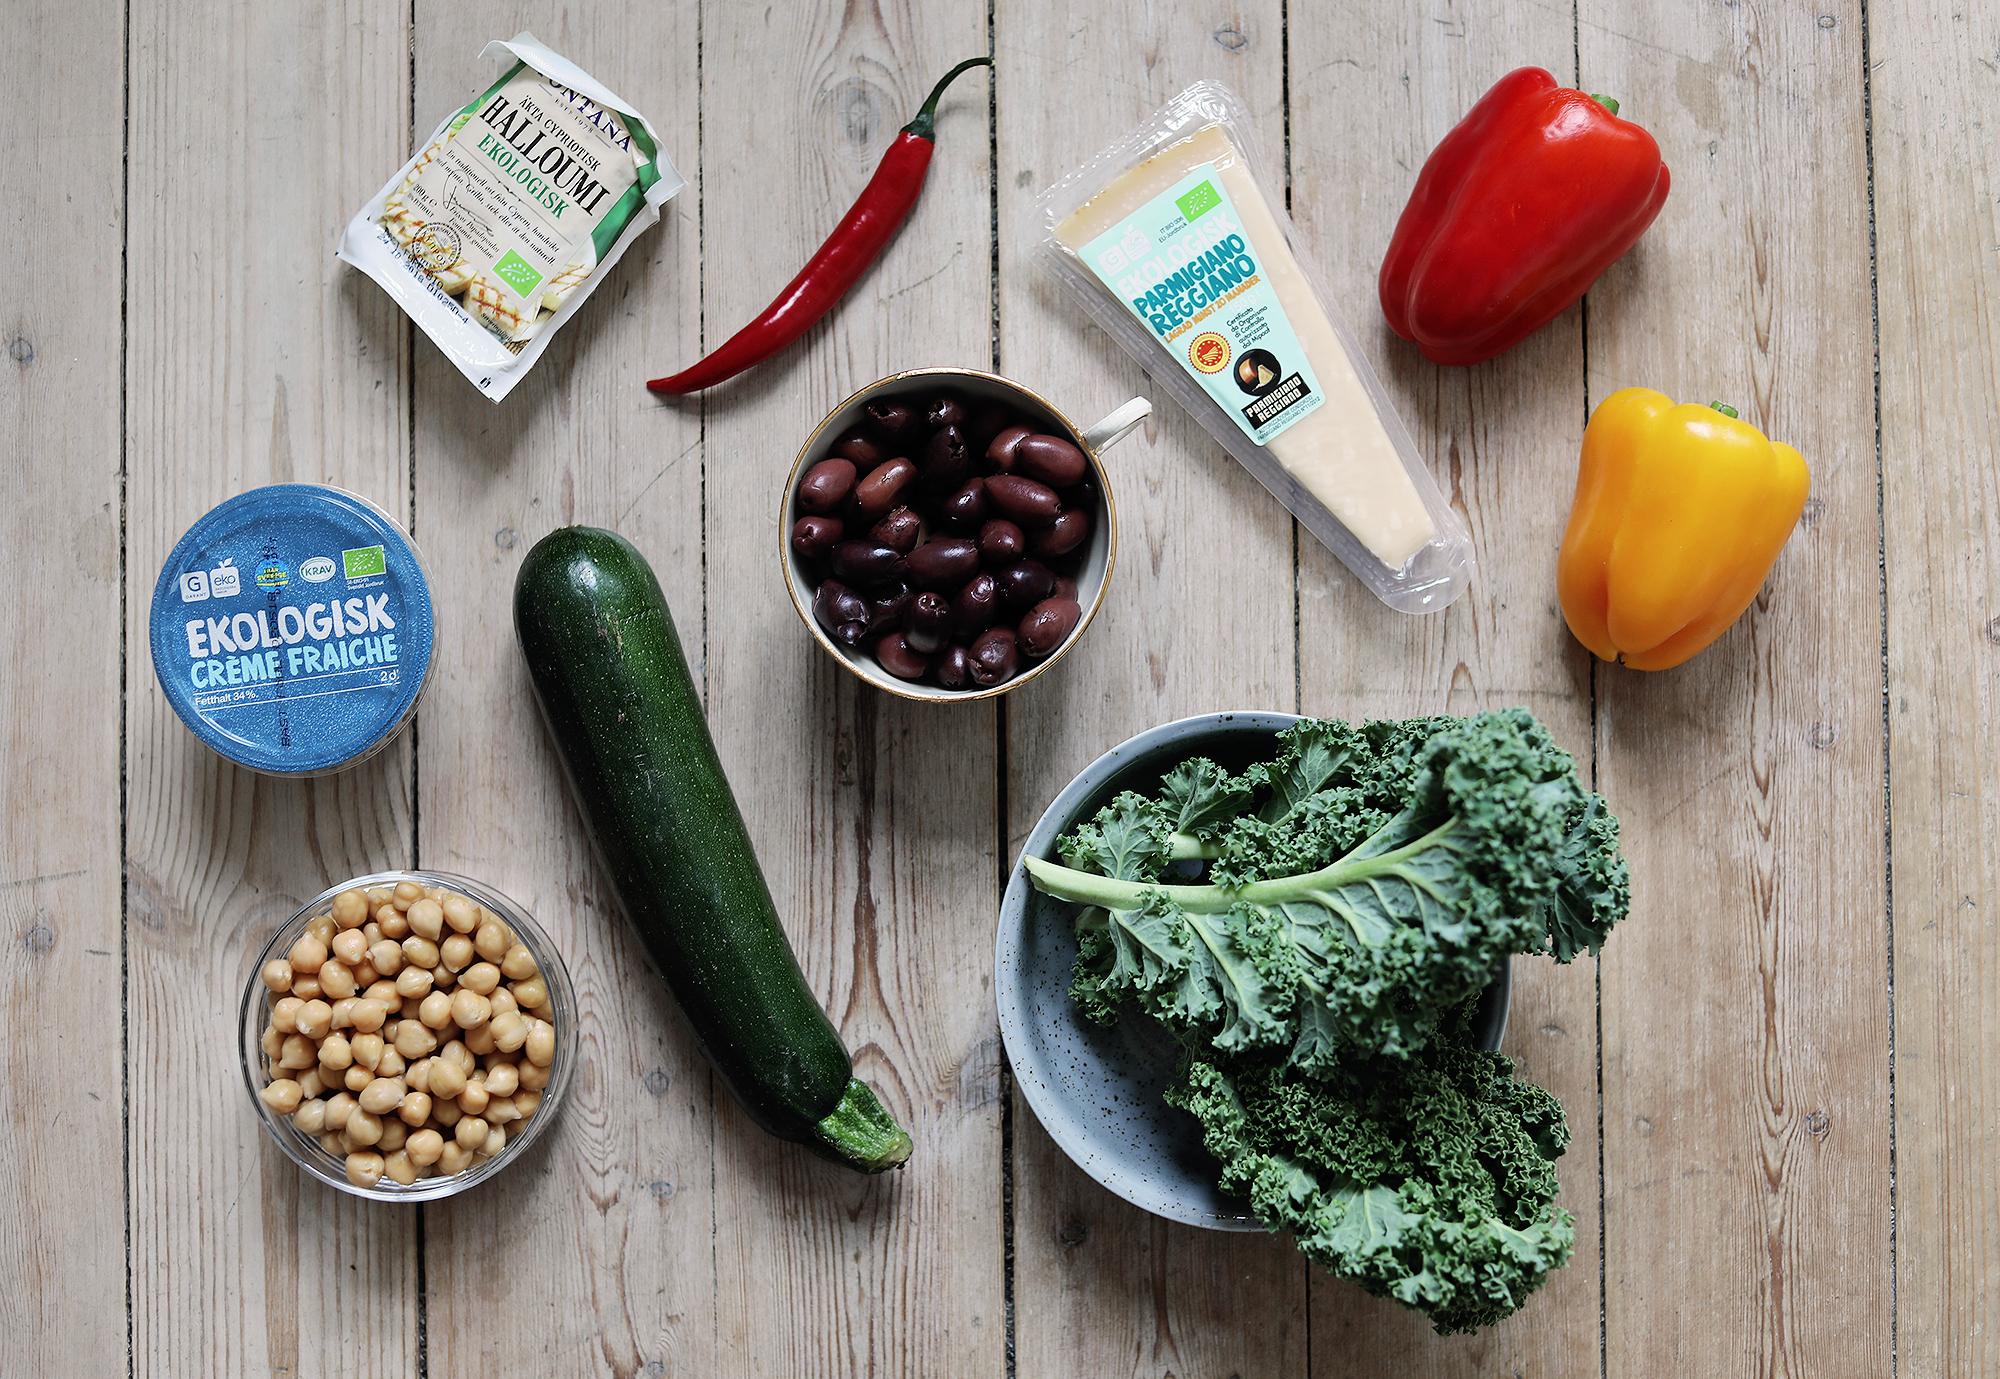 vegetariskt recept vegetariska middagsklubben pytt i panna tips middagstips enkelt